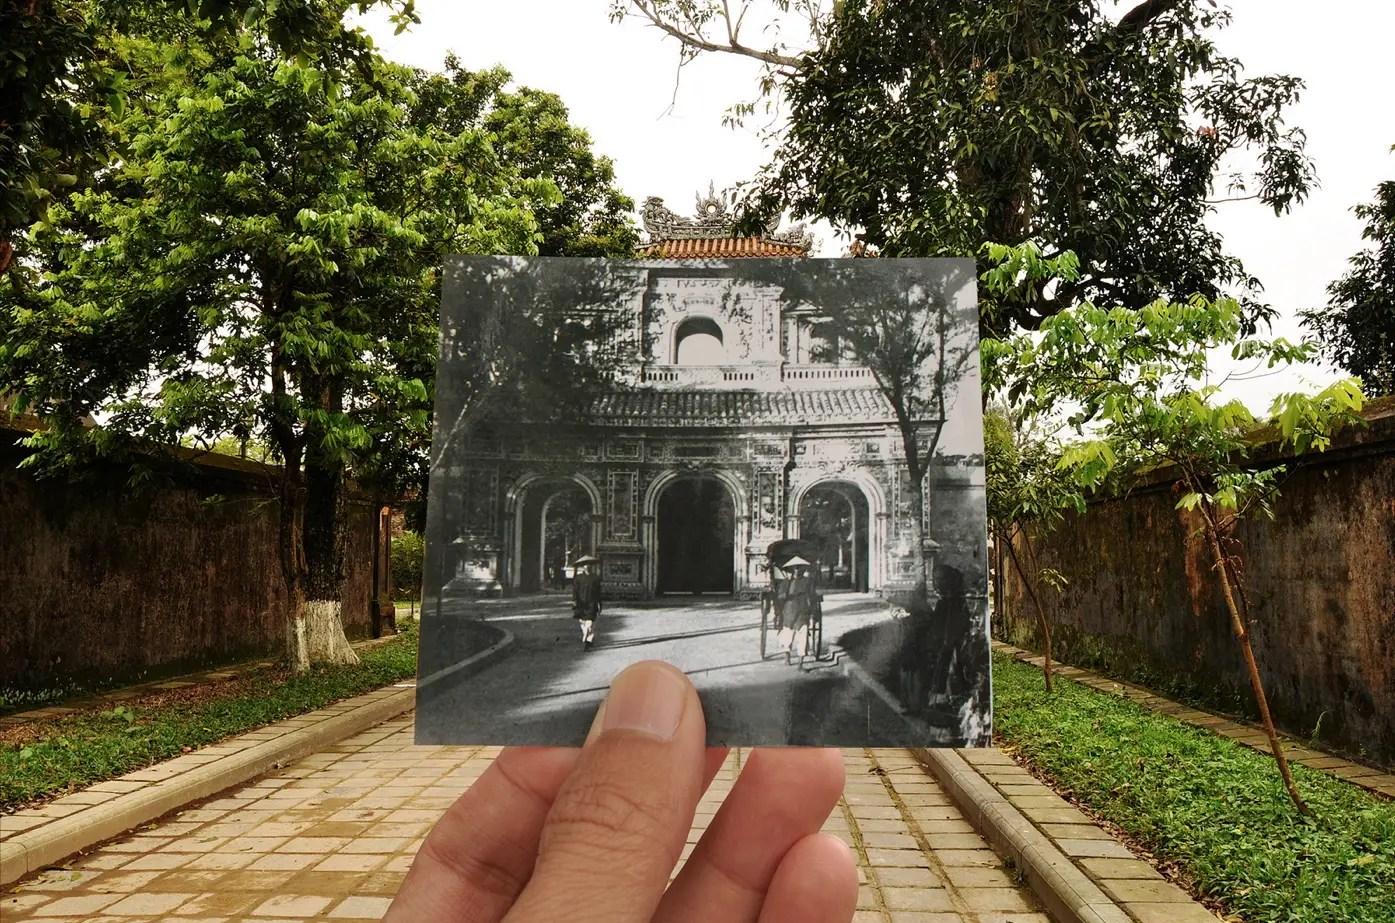 Hiển Nhơn gate, Huế 1920s